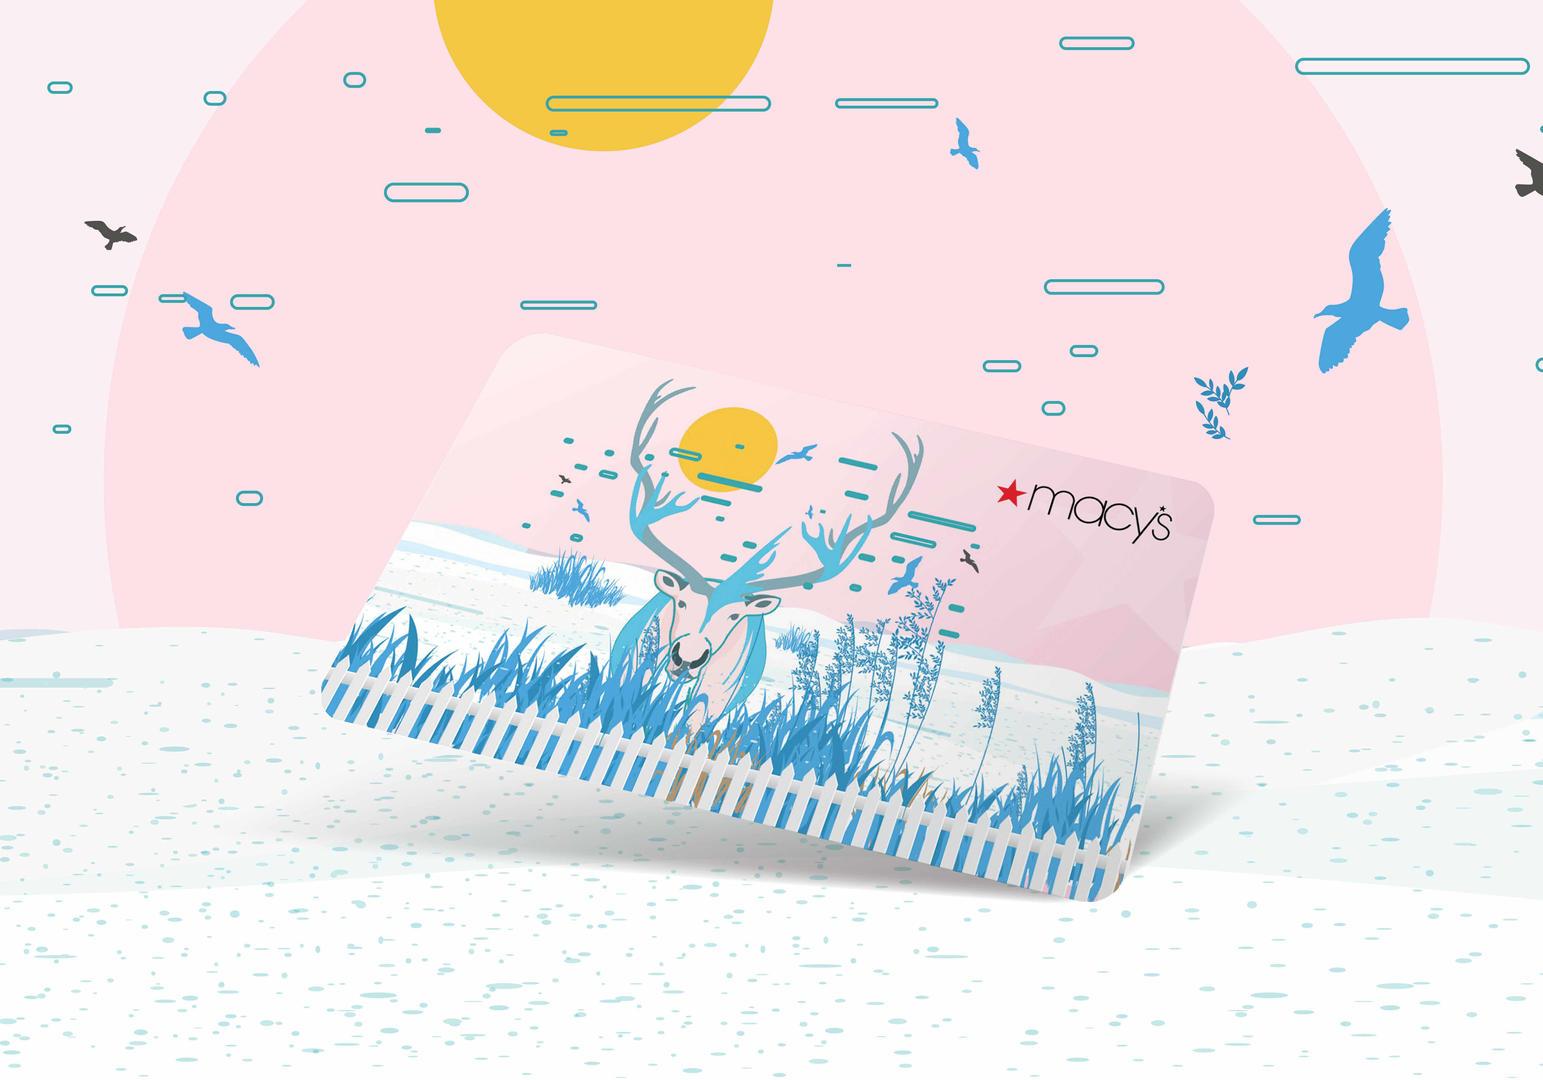 Macy's-Giftcard-Rendering-3-SFW.jpg